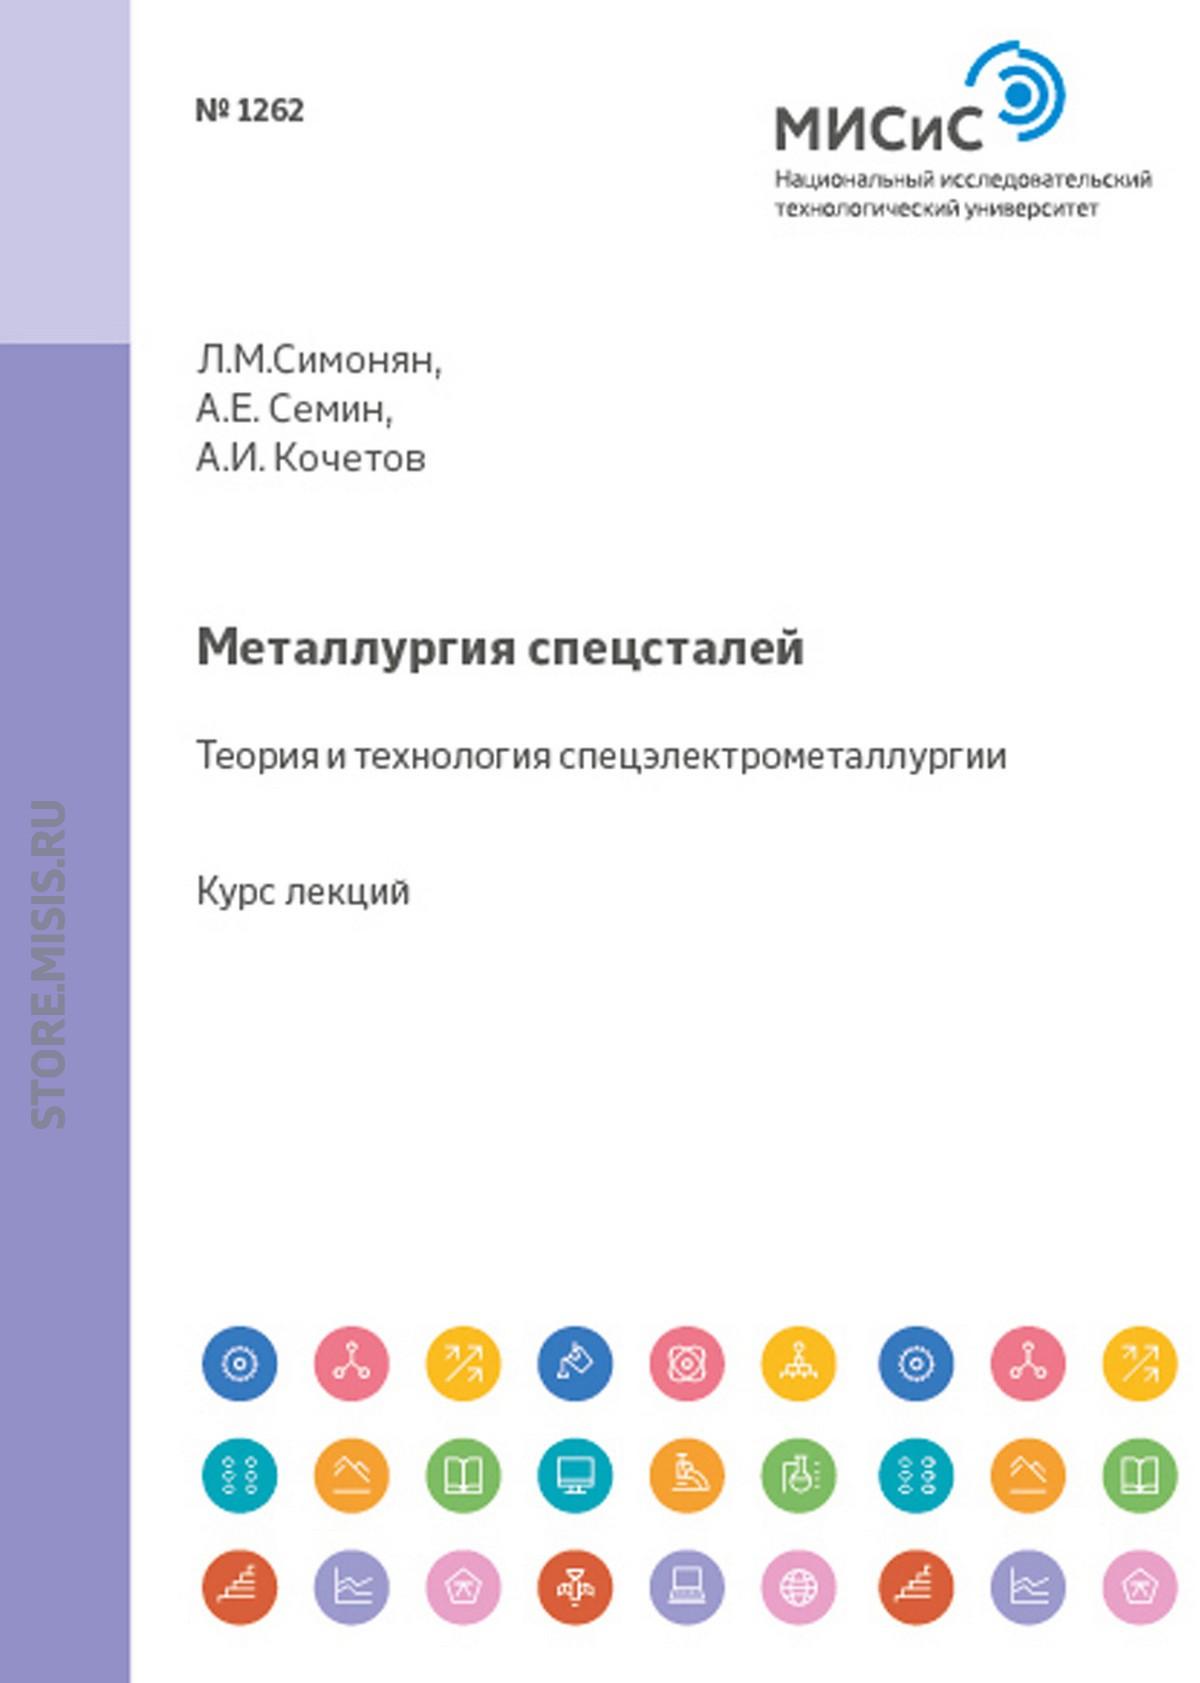 Александр Кочетов Металлургия спецсталей. Теория и технология спецэлектрометаллургии